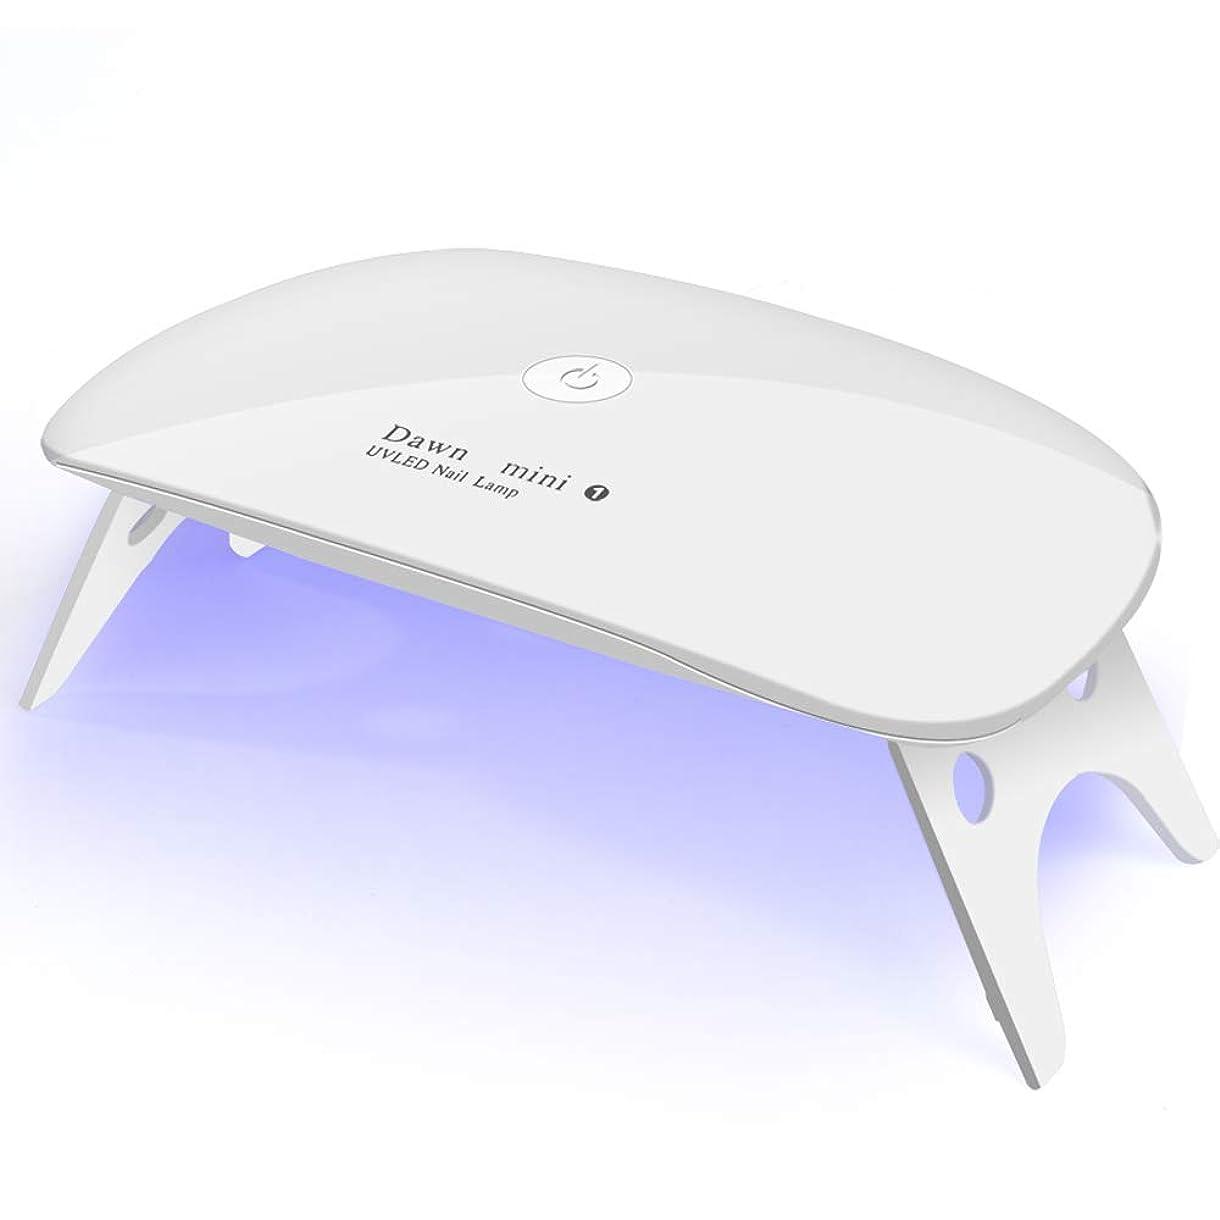 スケジュールサミット群衆UVライト LEDネイルドライヤー ジェルネイルLEDライト 硬化ライト タイマー設定可能 折りたたみ式手足とも使える 人感センサー式 UV と LEDダブルライト ジェルネイル用 (ホワイト )